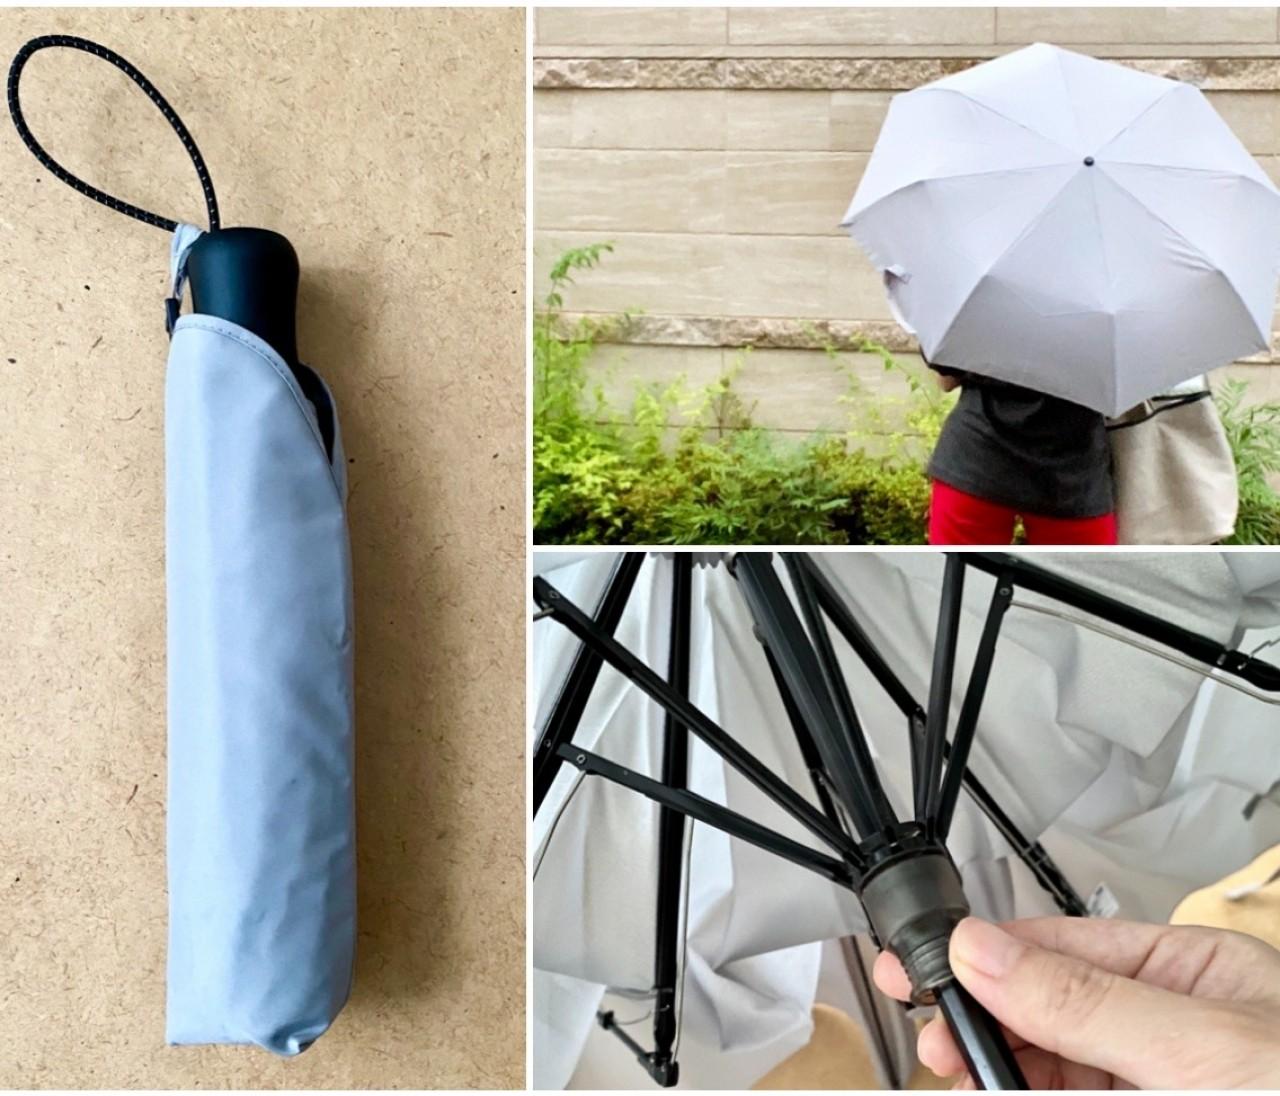 ¥1500プチプラ隠れ名品【ユニクロ(UNIQLO)】軽量&丈夫な折りたたみ傘「コンパクトアンブレラ」が大人気の理由